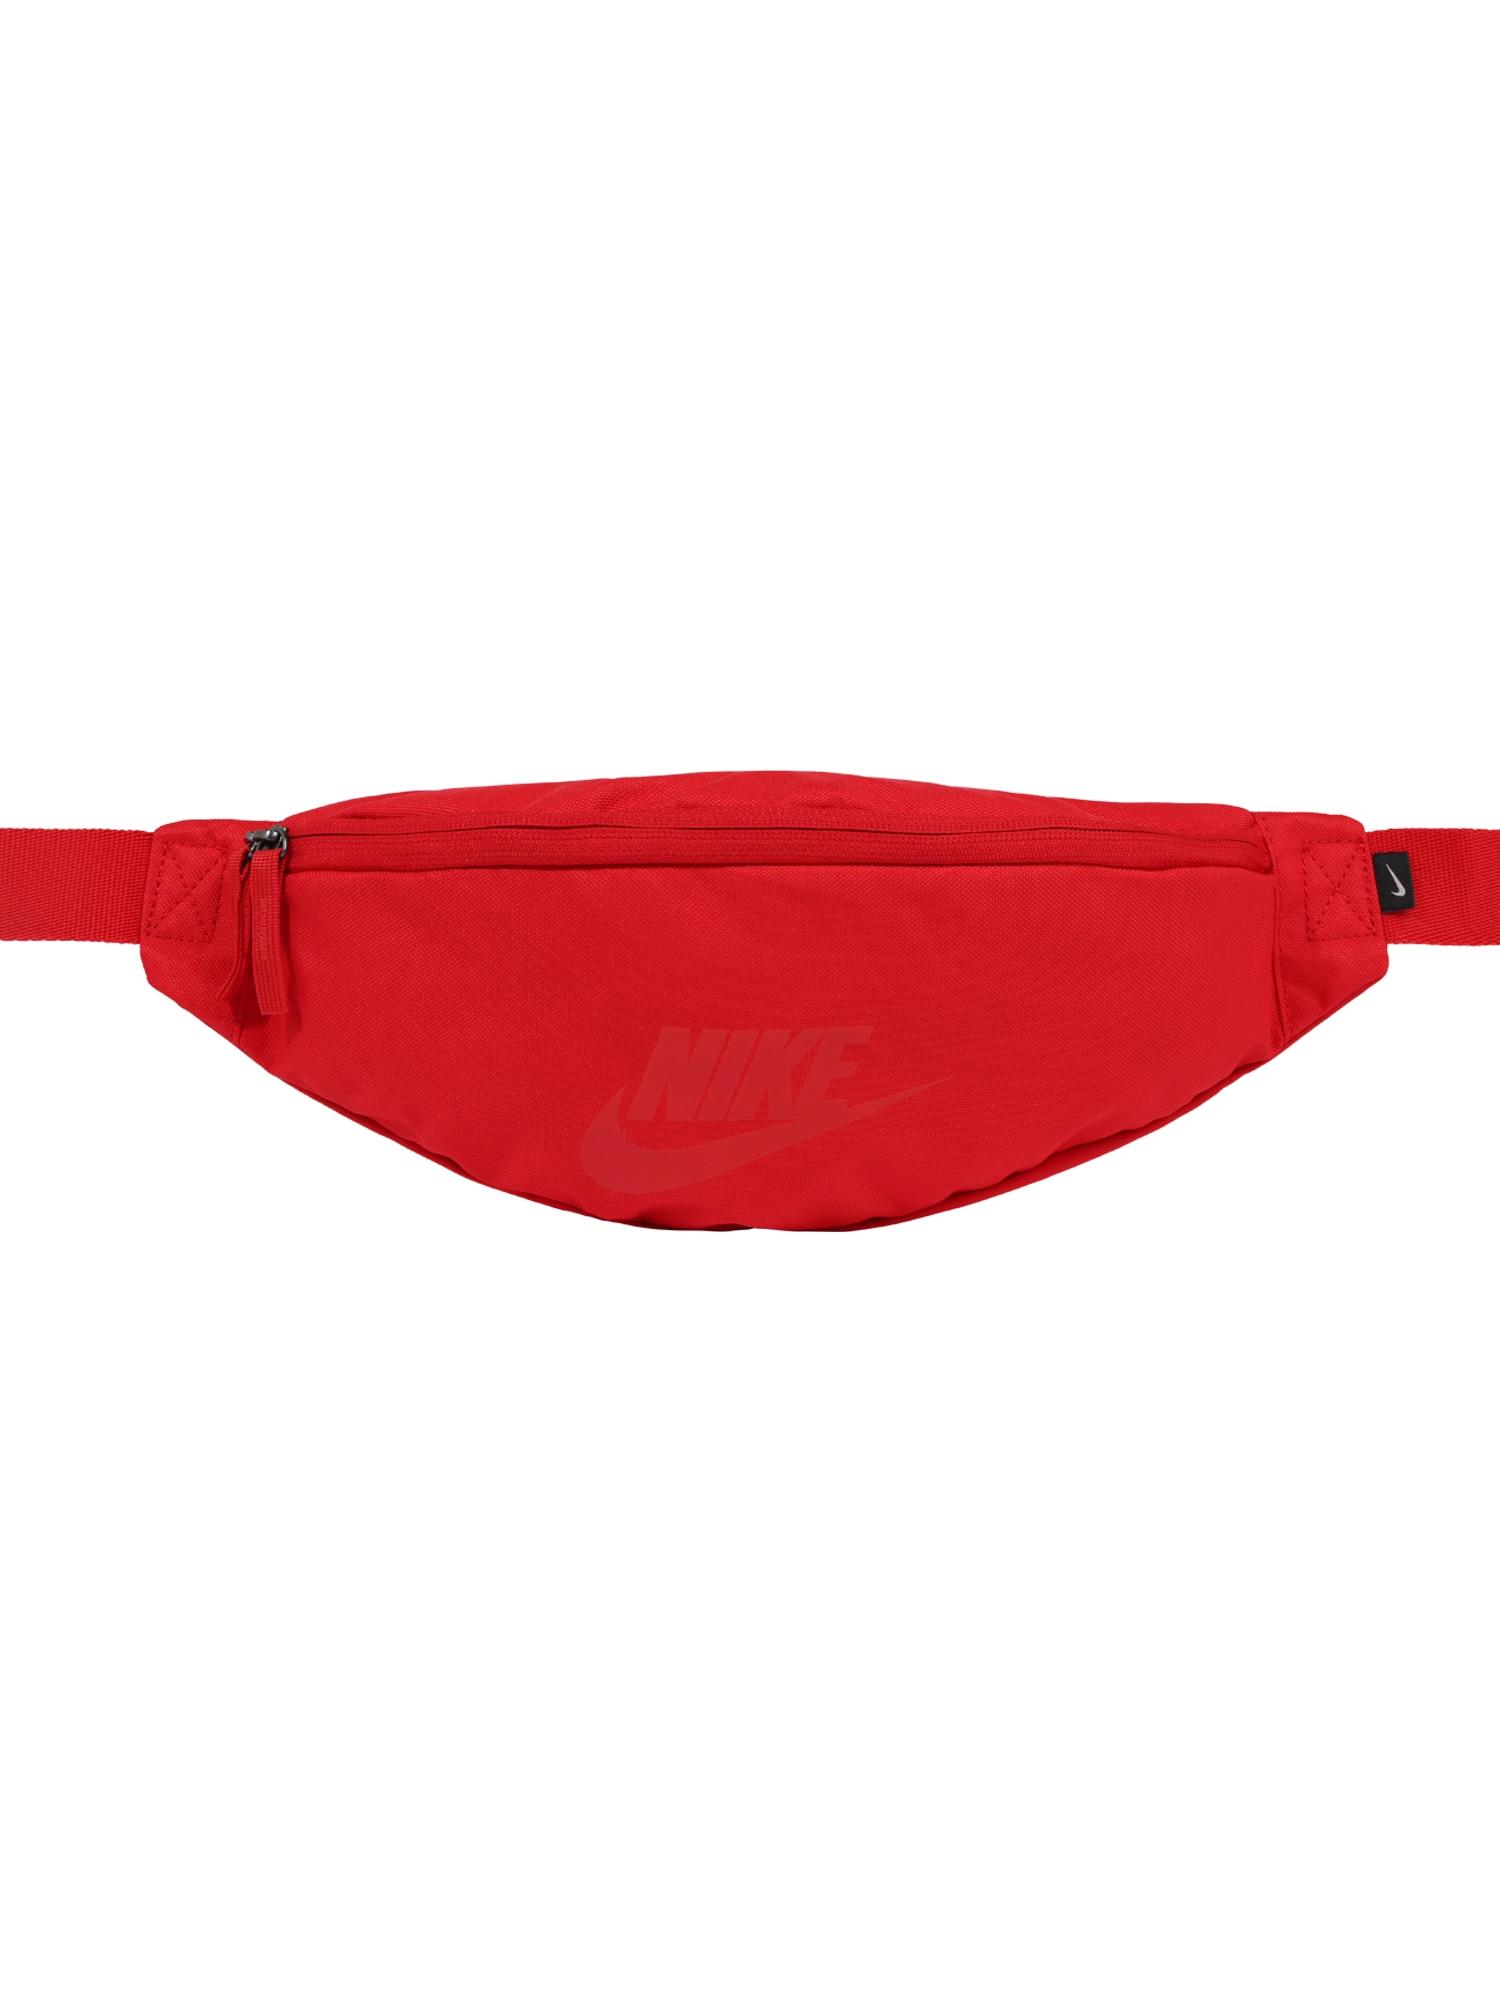 Nike Sportswear Rankinė ant juosmens 'Heritage' raudona